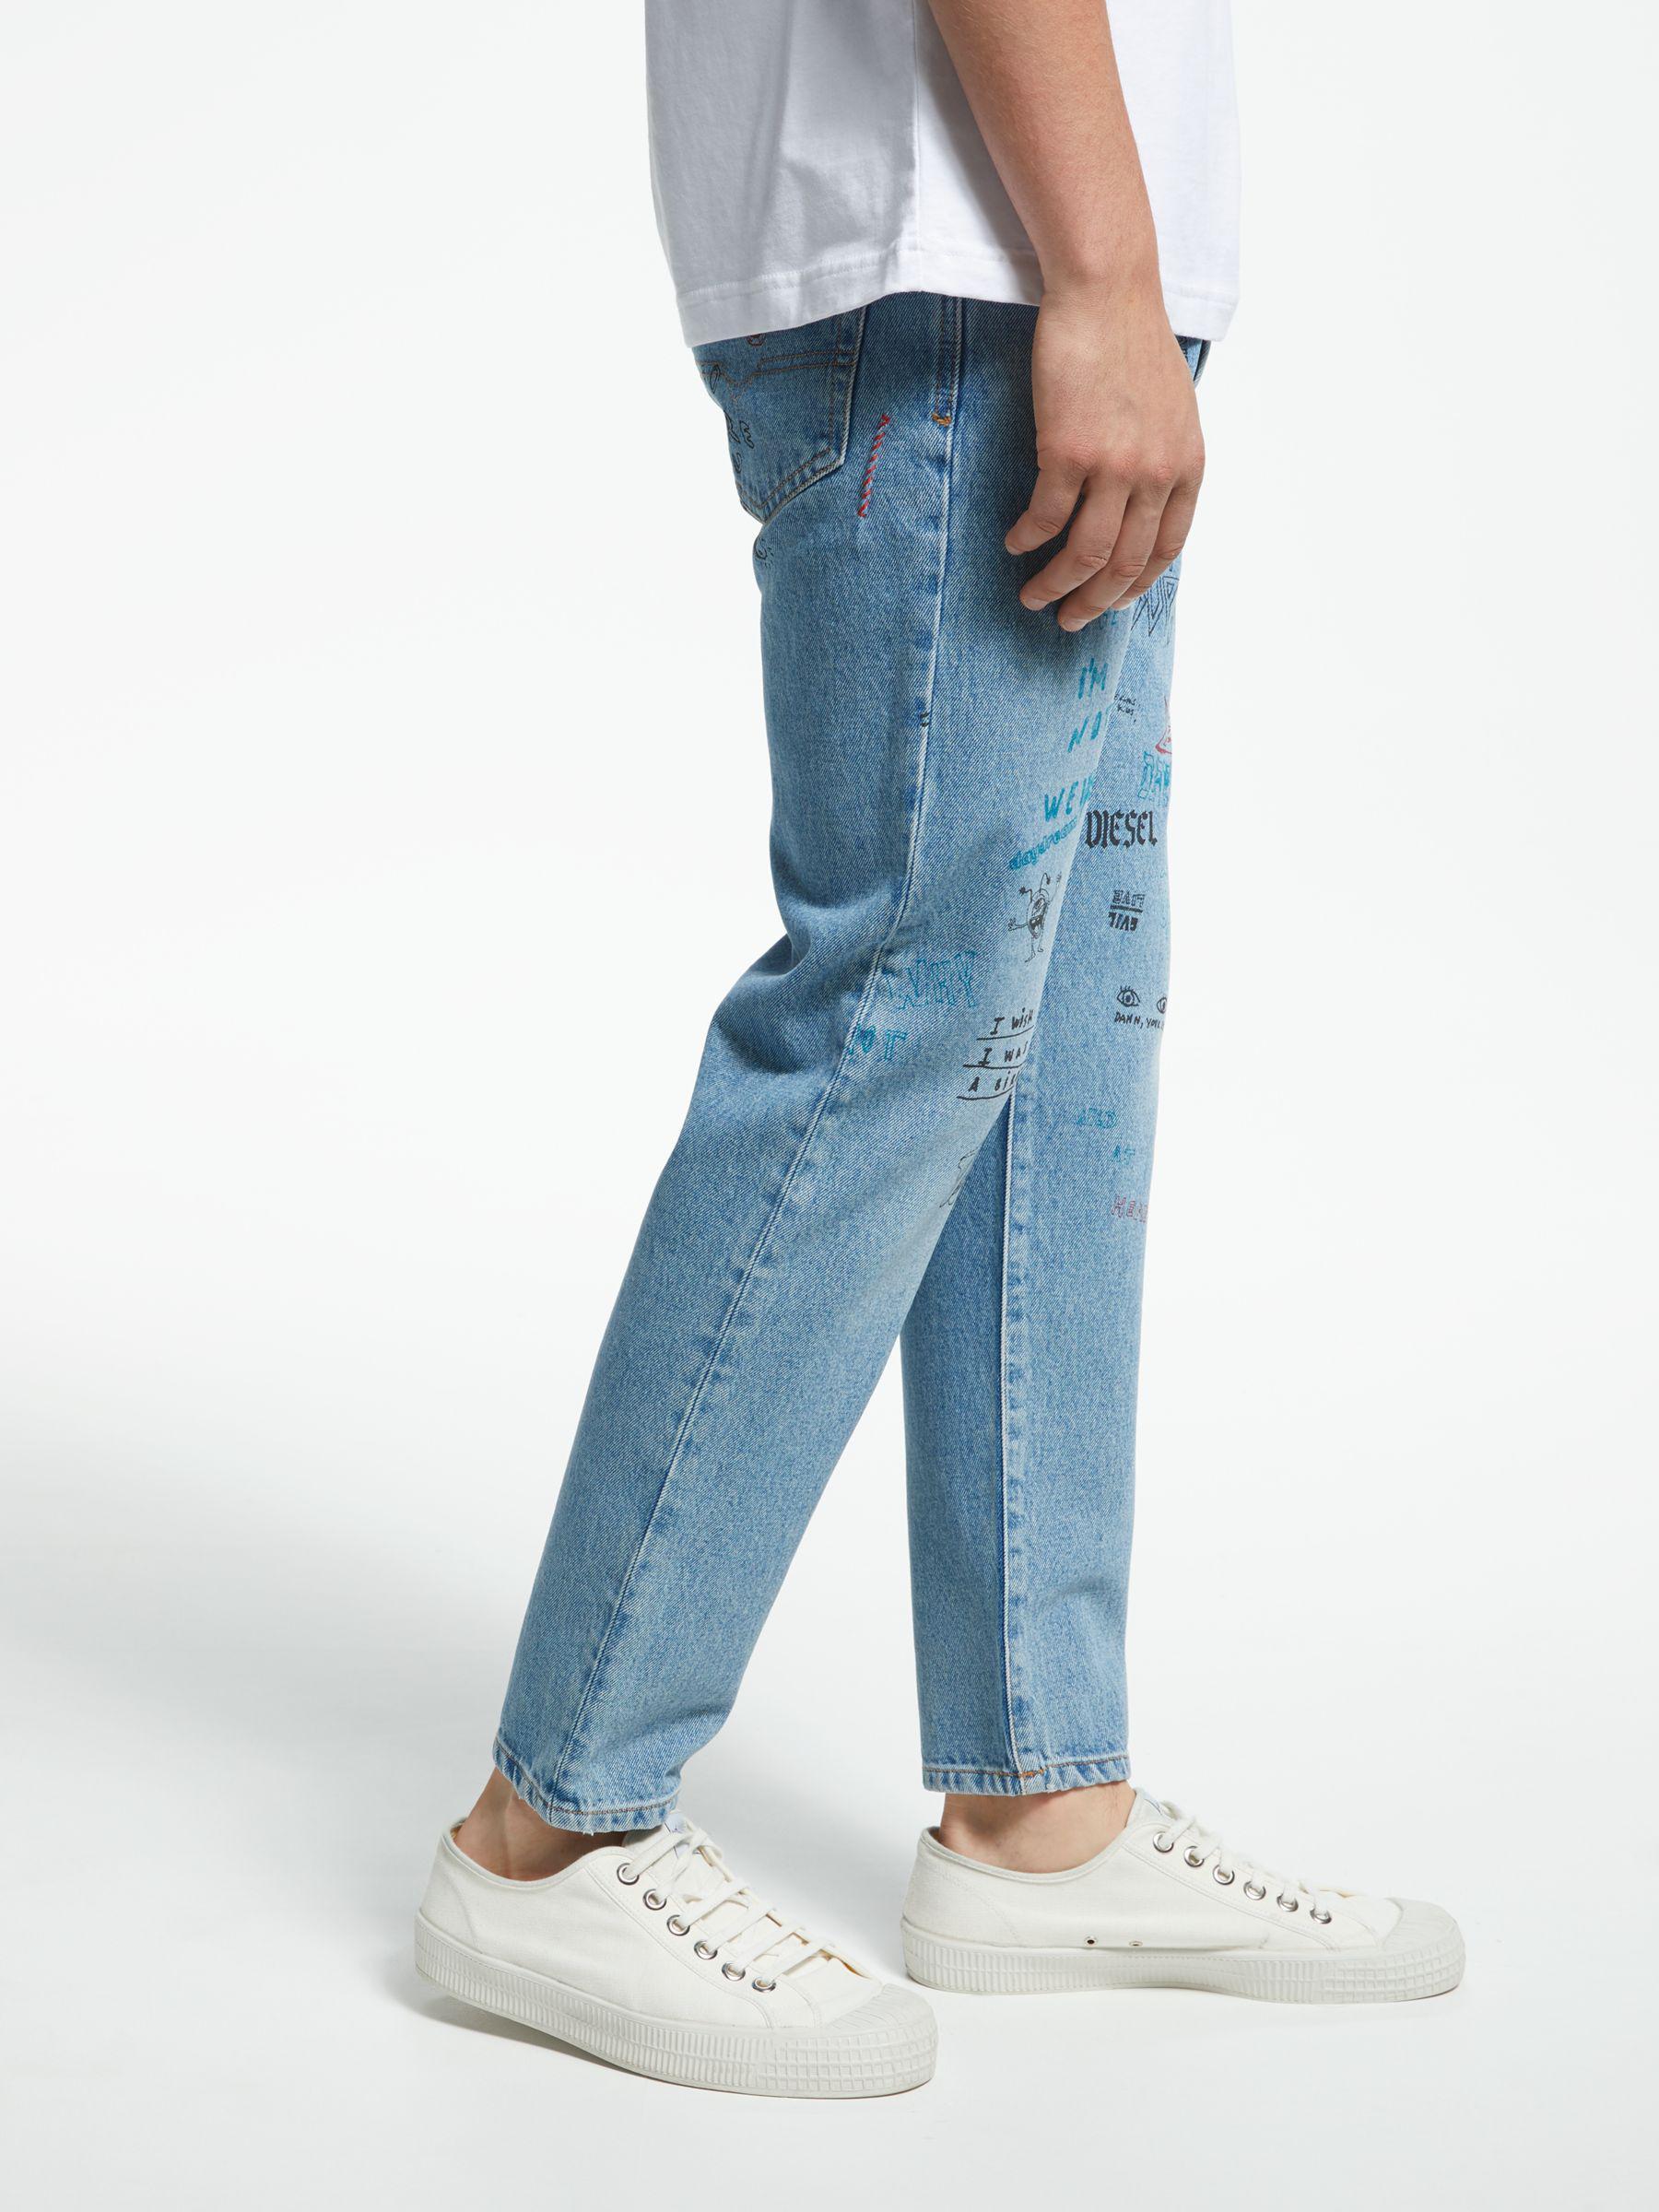 ca0567c7 DIESEL Mharky Slim Printed Jeans in Blue for Men - Lyst